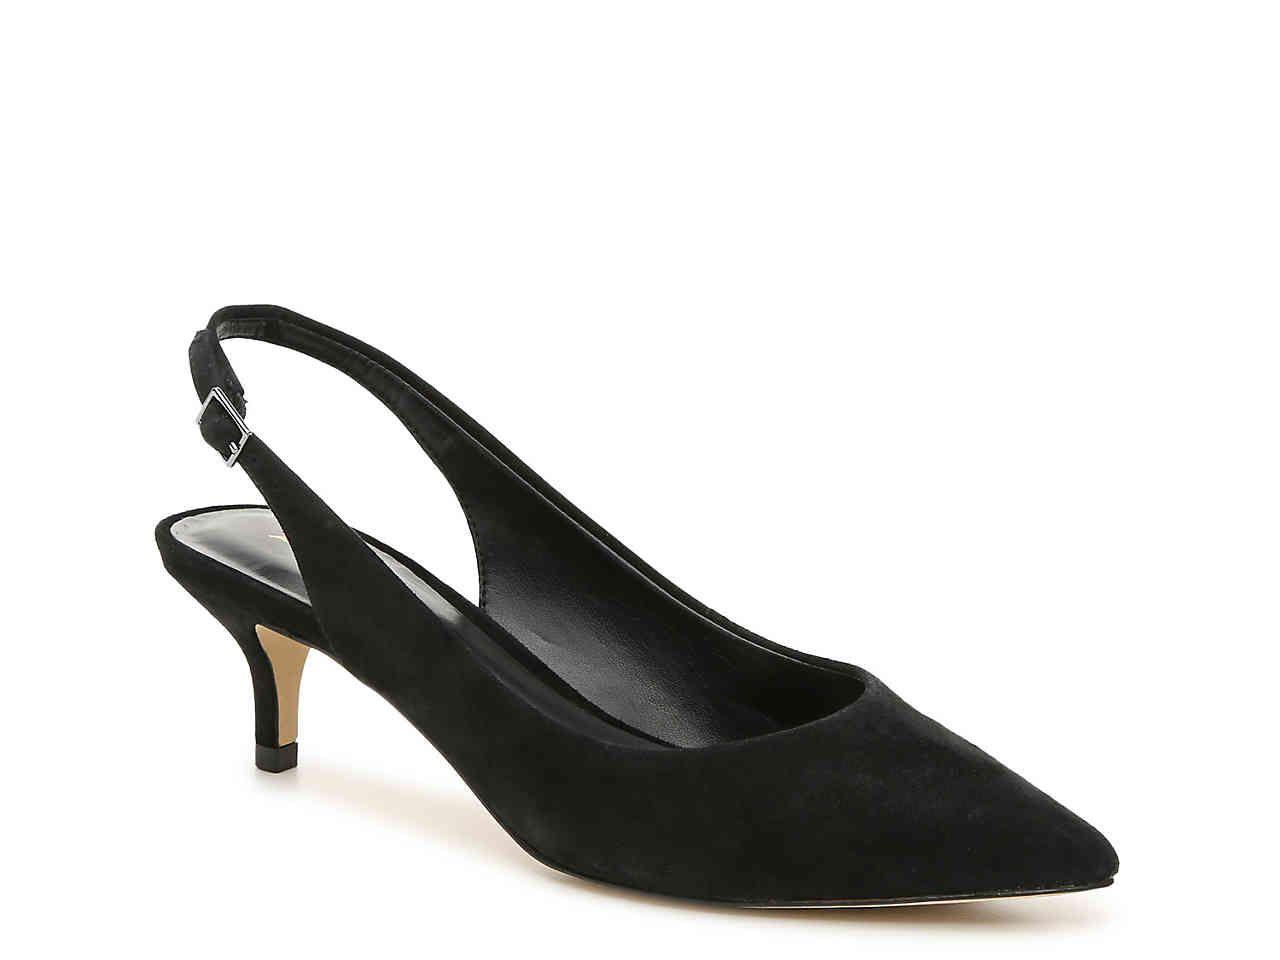 Aldo Elawen Pump Women S Shoes Dsw Kitten Heel Shoes Stylish Shoes Low Heel Pumps